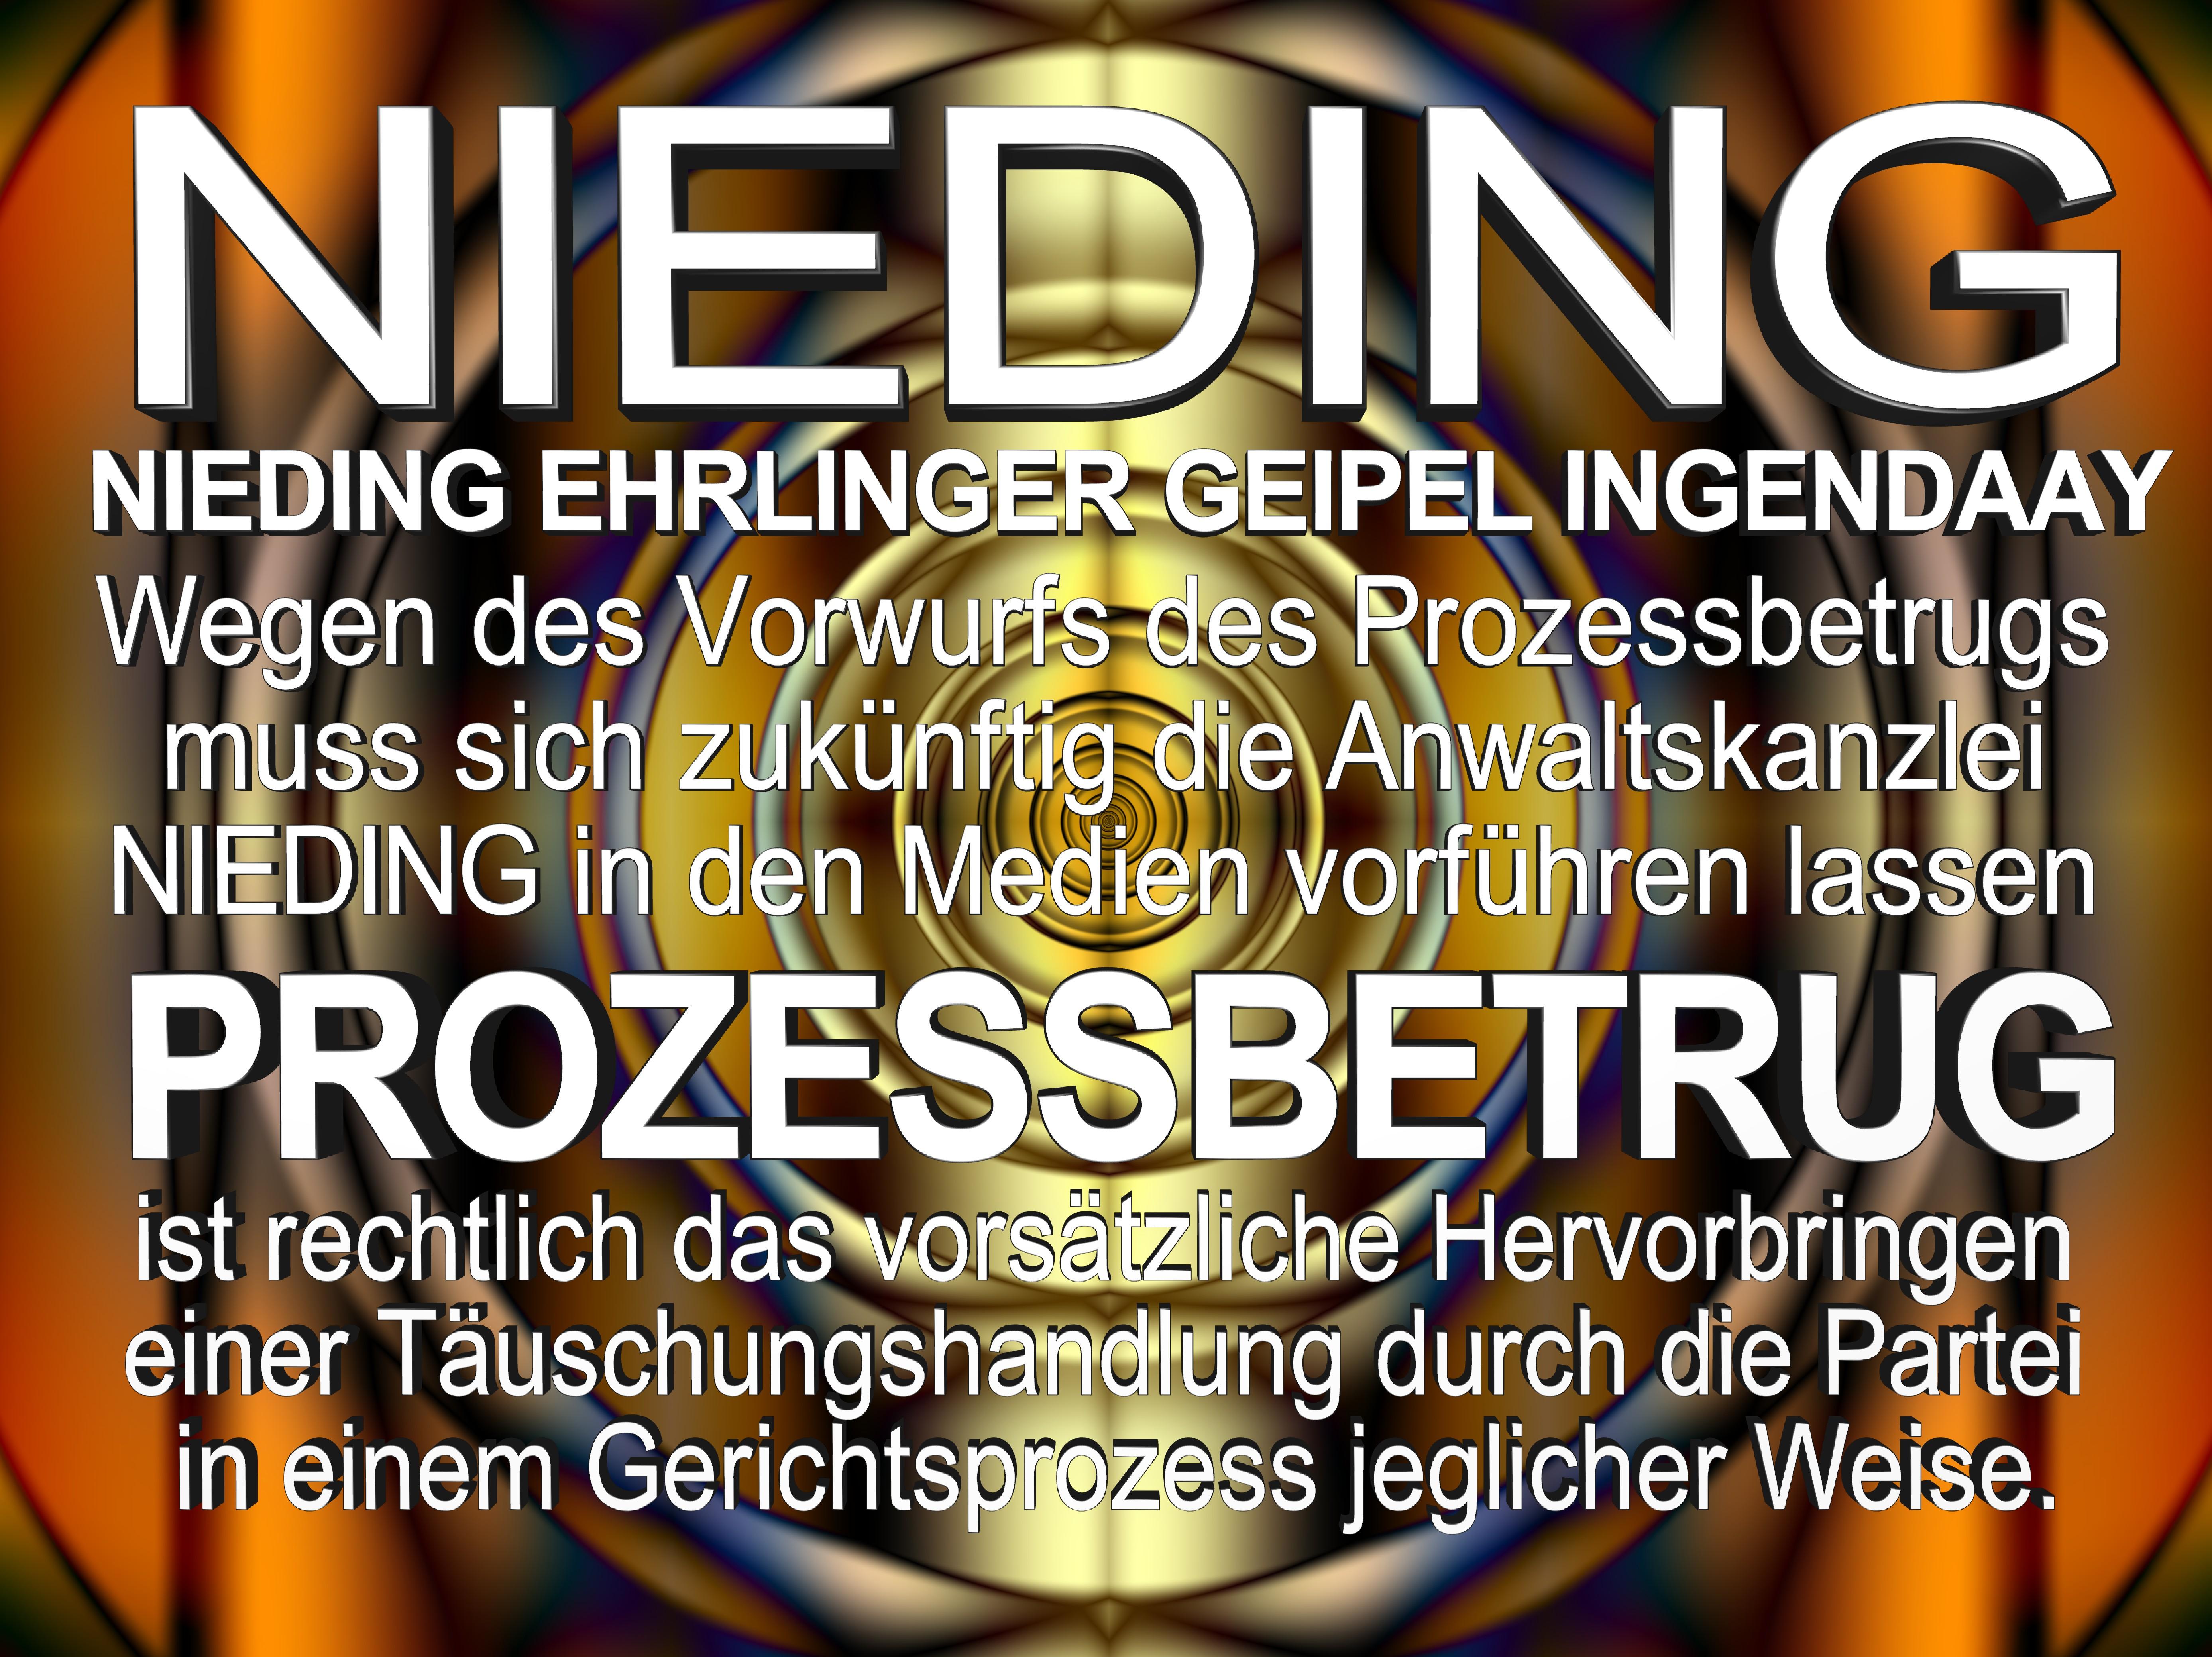 NIEDING EHRLINGER GEIPEL INGENDAAY LELKE Kurfürstendamm 66 Berlin (40)